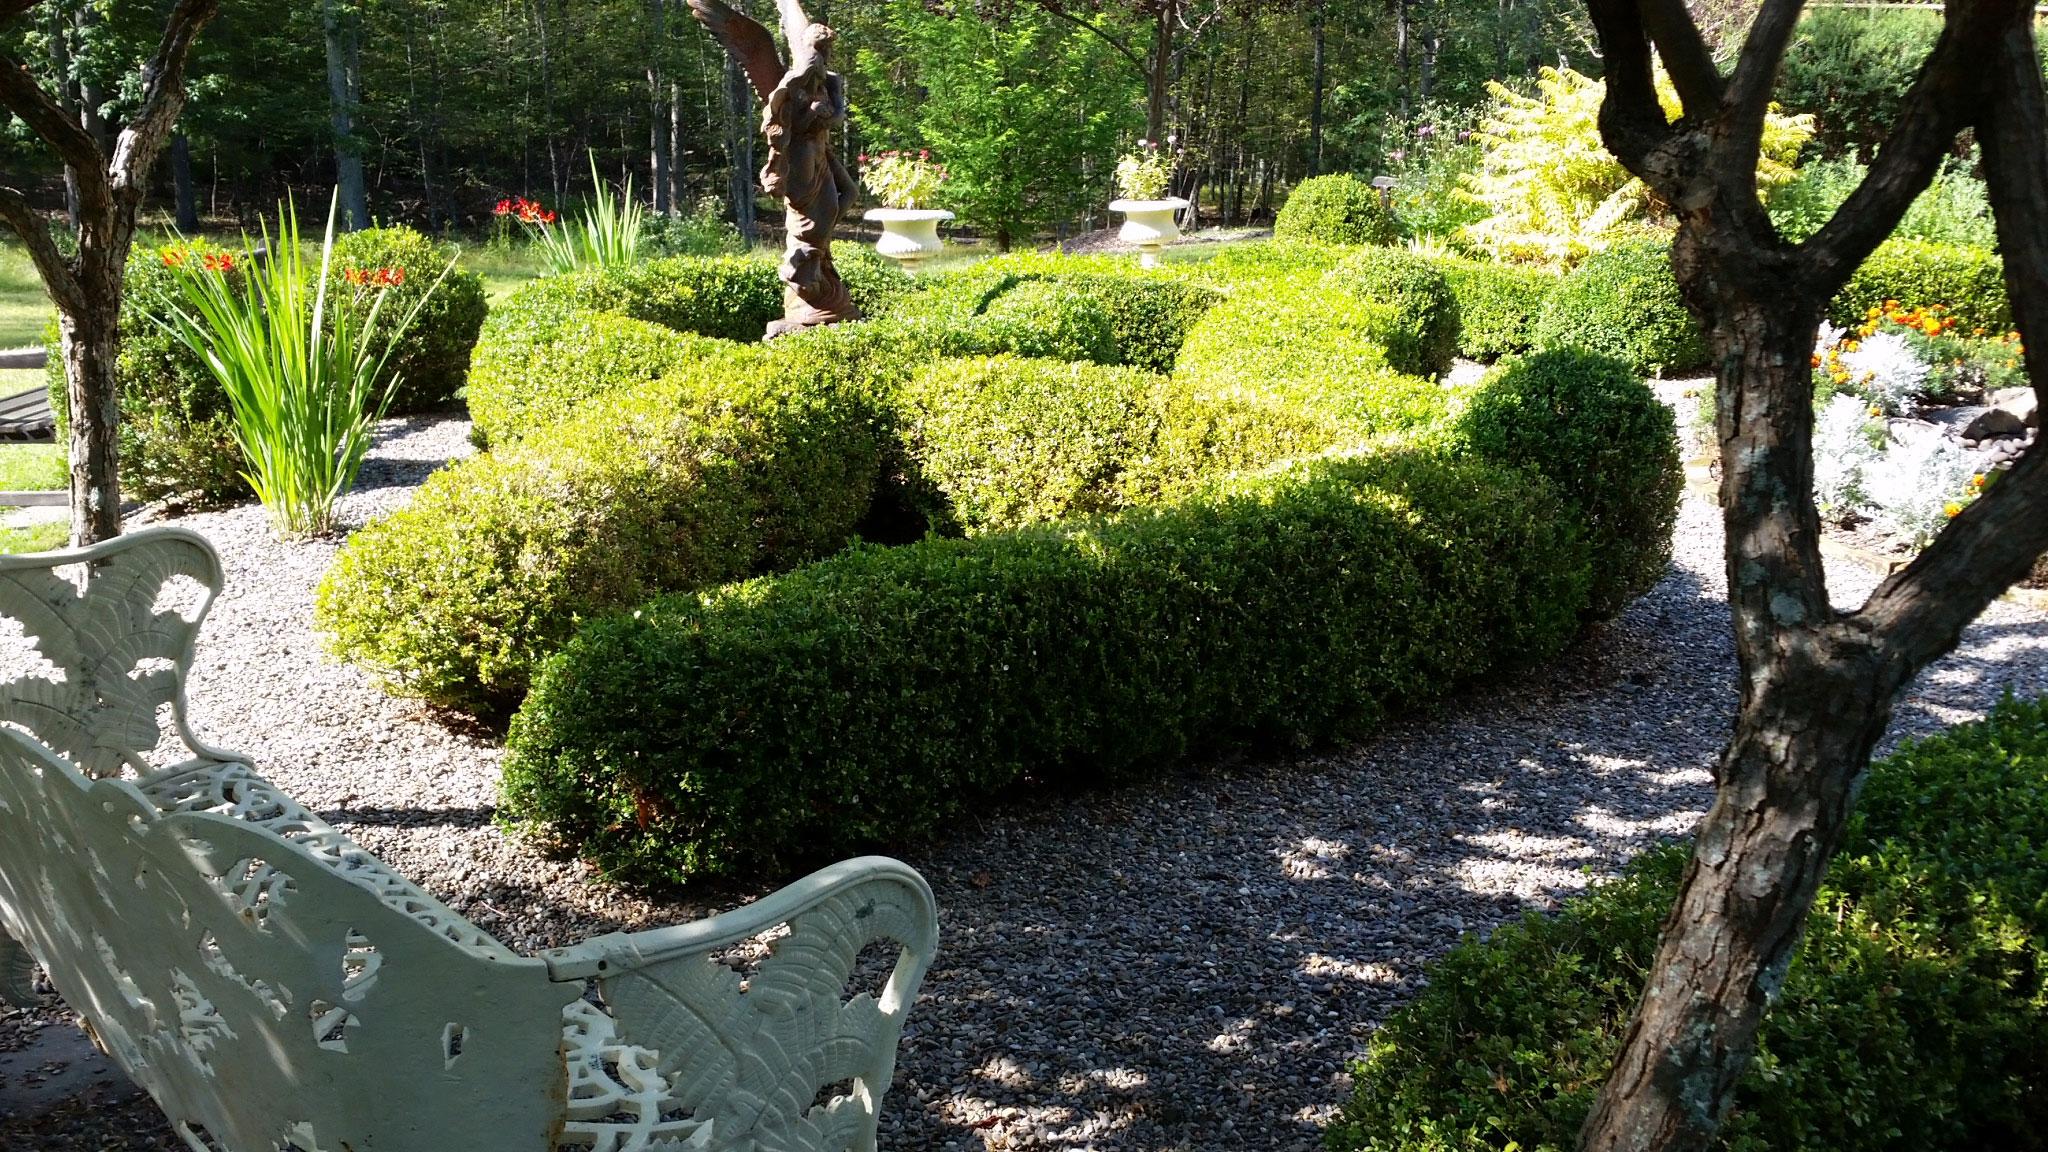 landscape design landscape garden design in stone On creative garden design 805